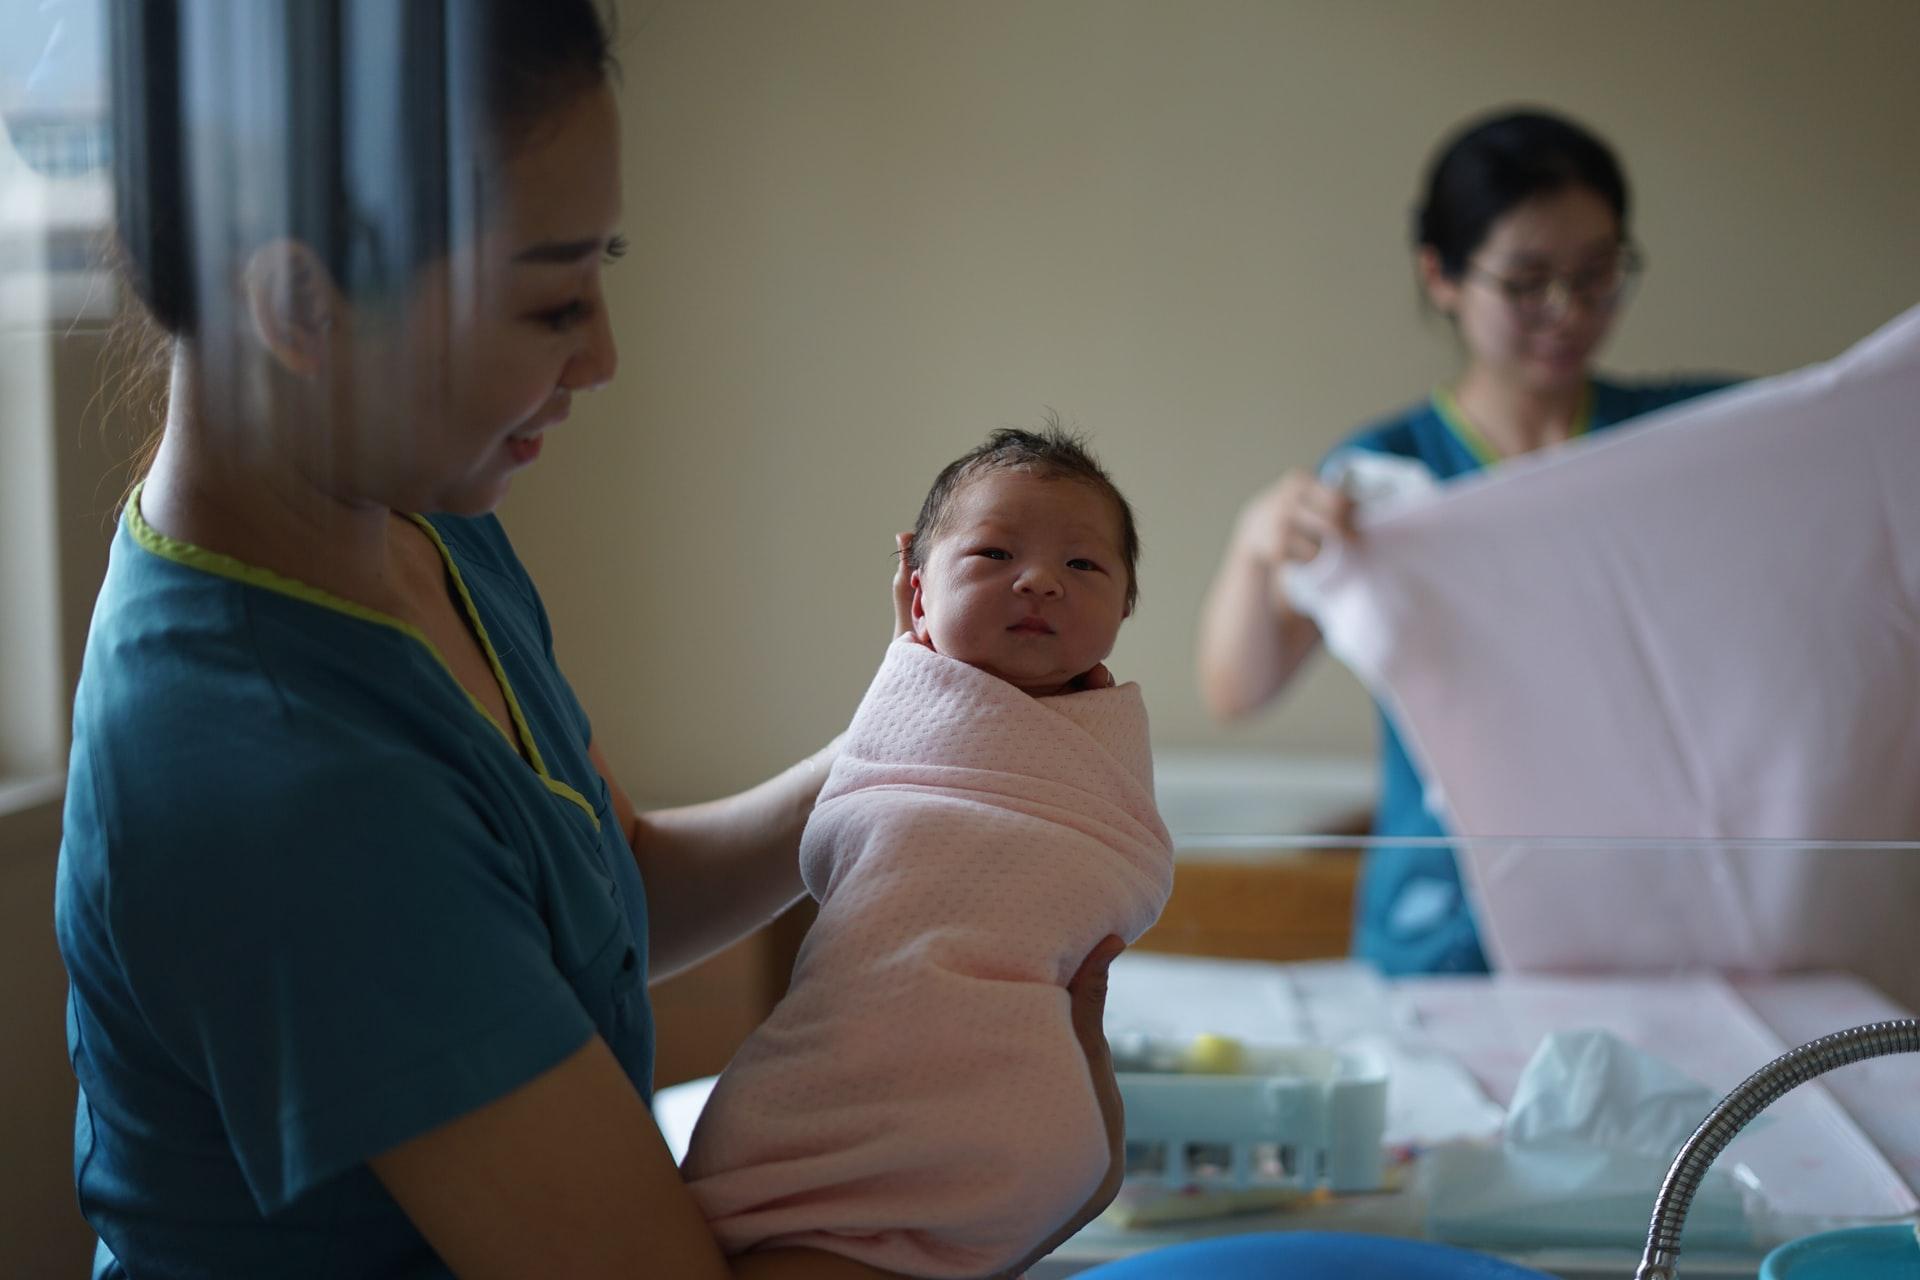 101 Contoh Surat Lamaran Kerja Bidan Yang Diminati Rumah Sakit Hrd